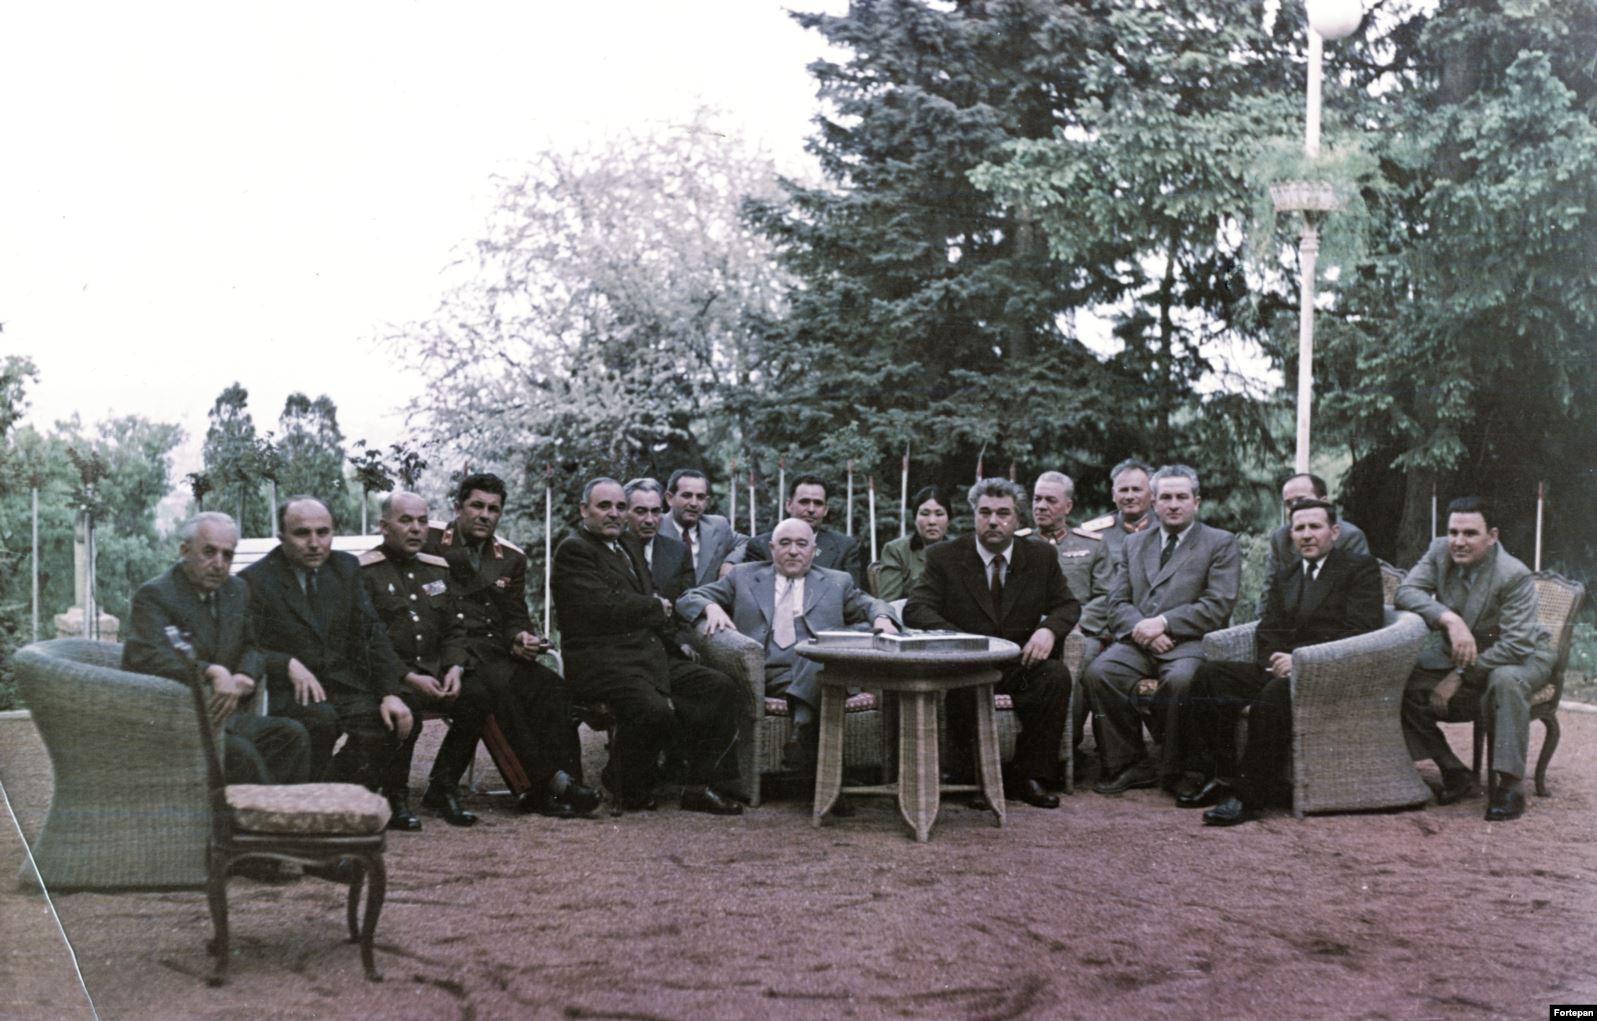 """Поставленный у власти во главе просоветского правительства Венгрии Ракоши (в центре, с другими коммунистическими лидерами, 1953 год) заявлял о себе, что он """"лучший ученик Сталина"""""""